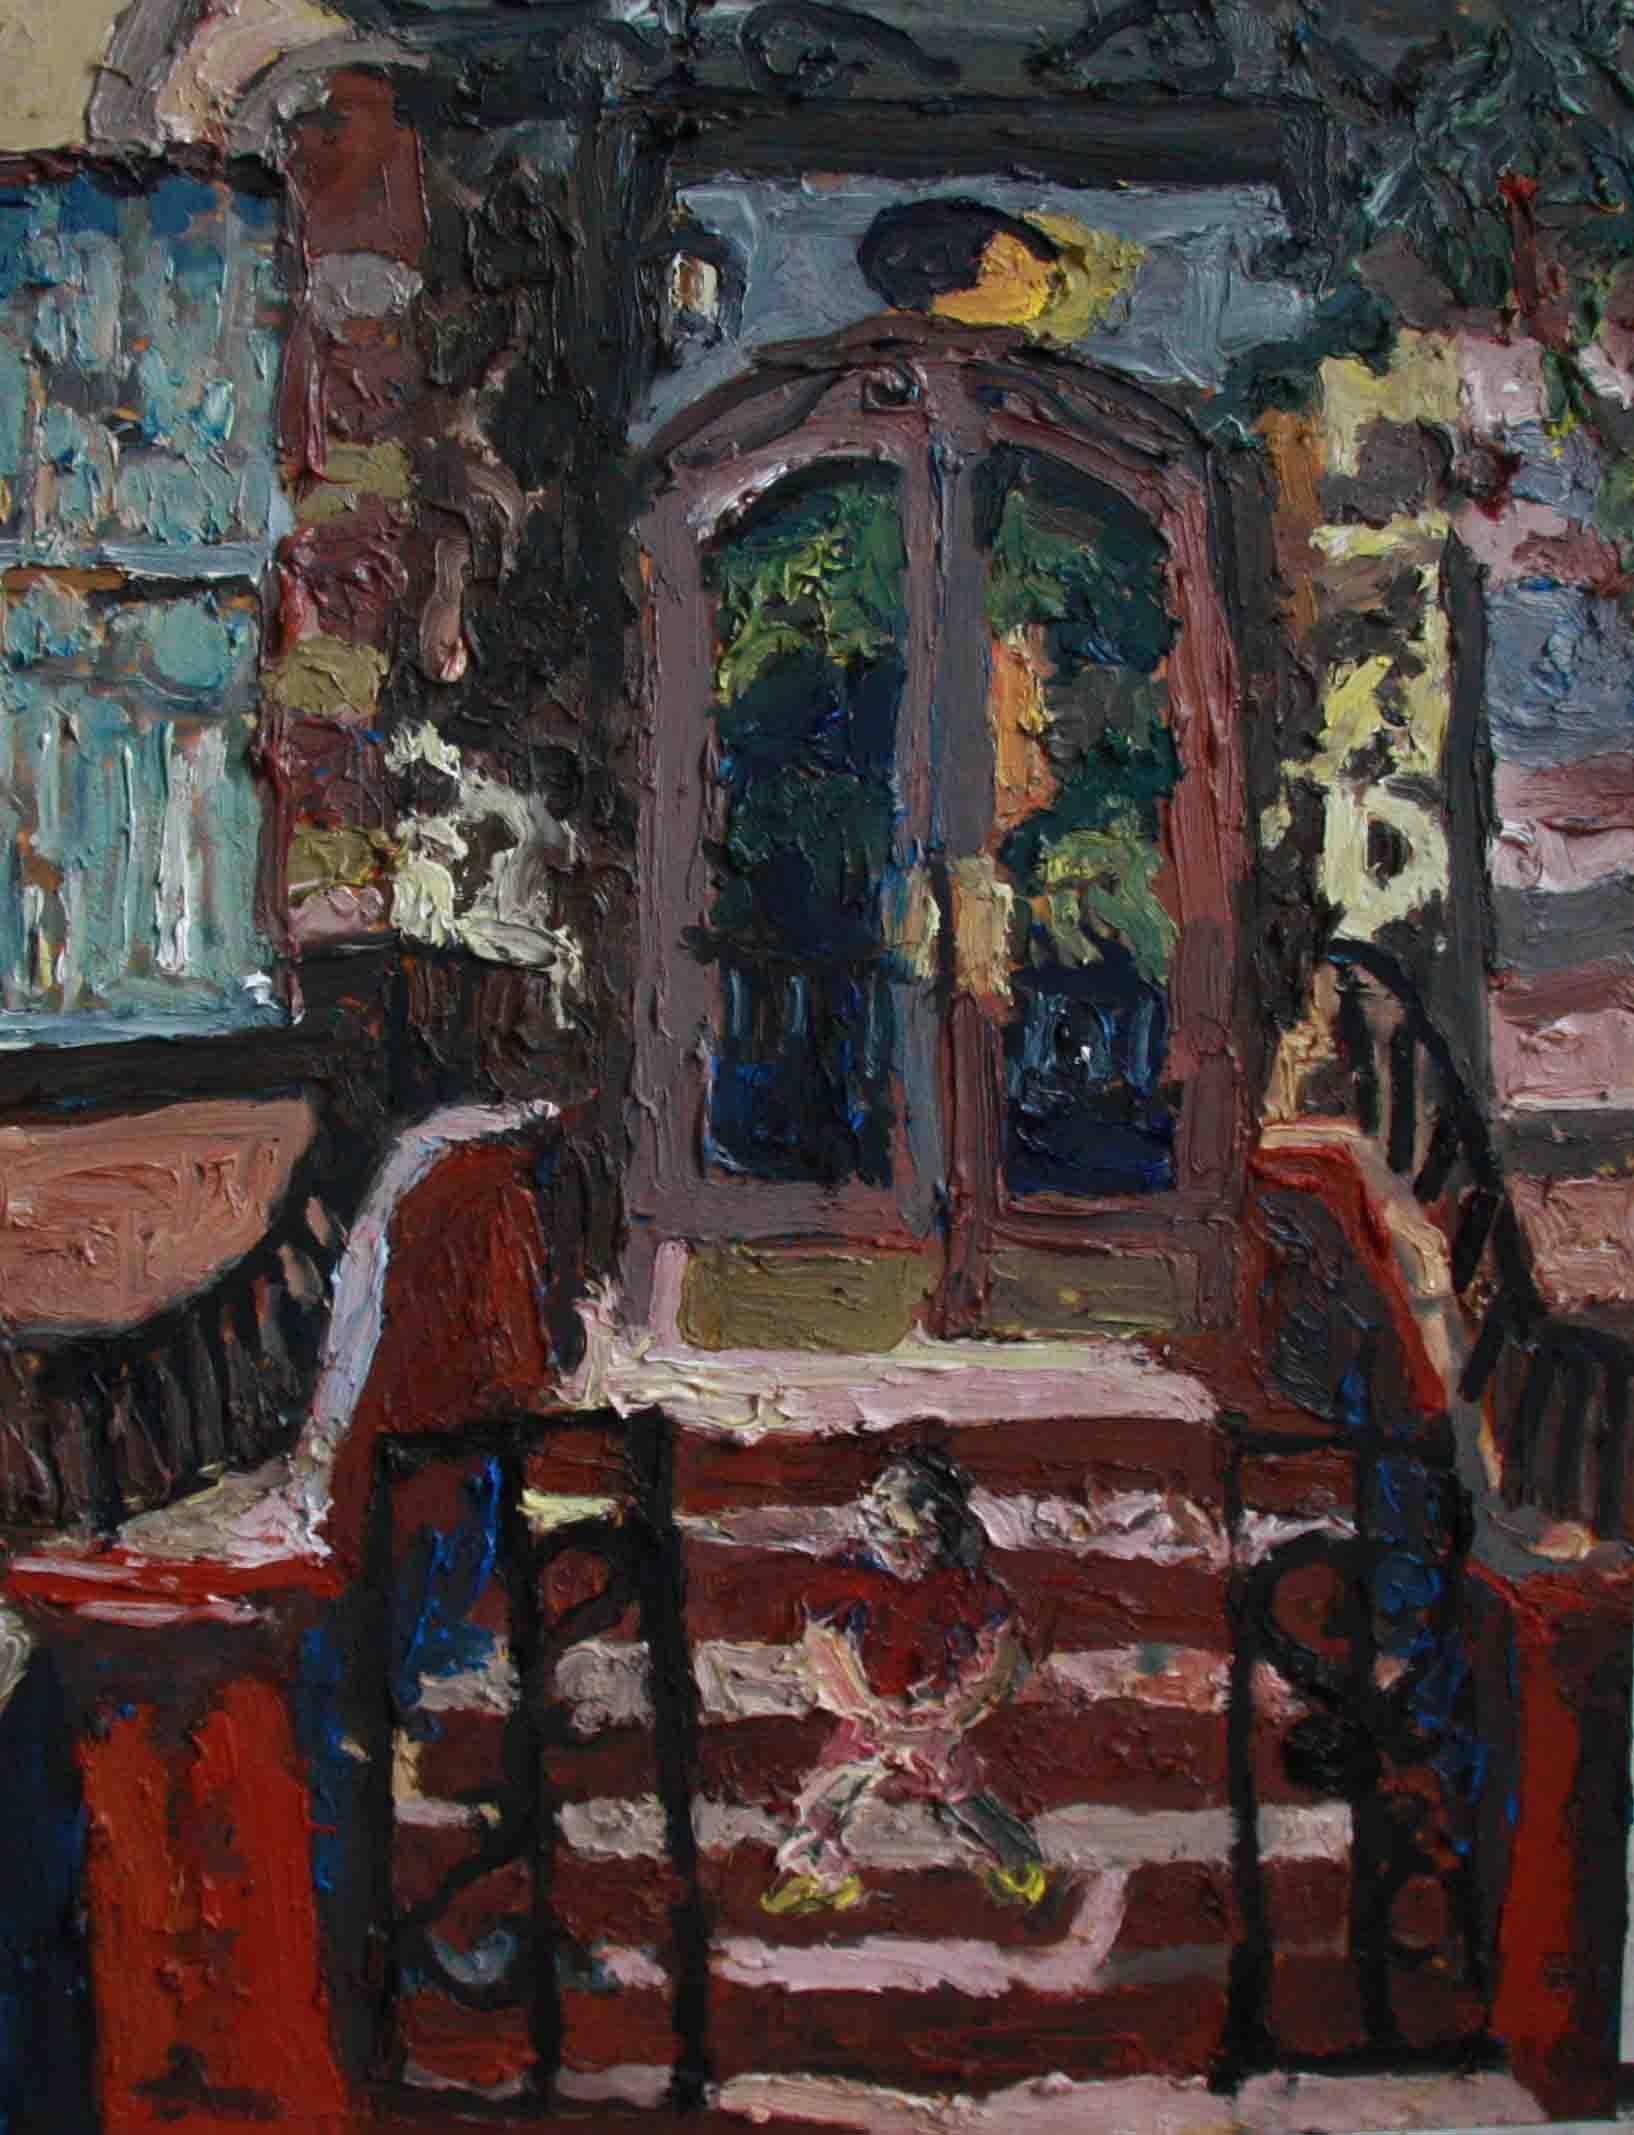 ny-painting-40x30cm_14814324559_o